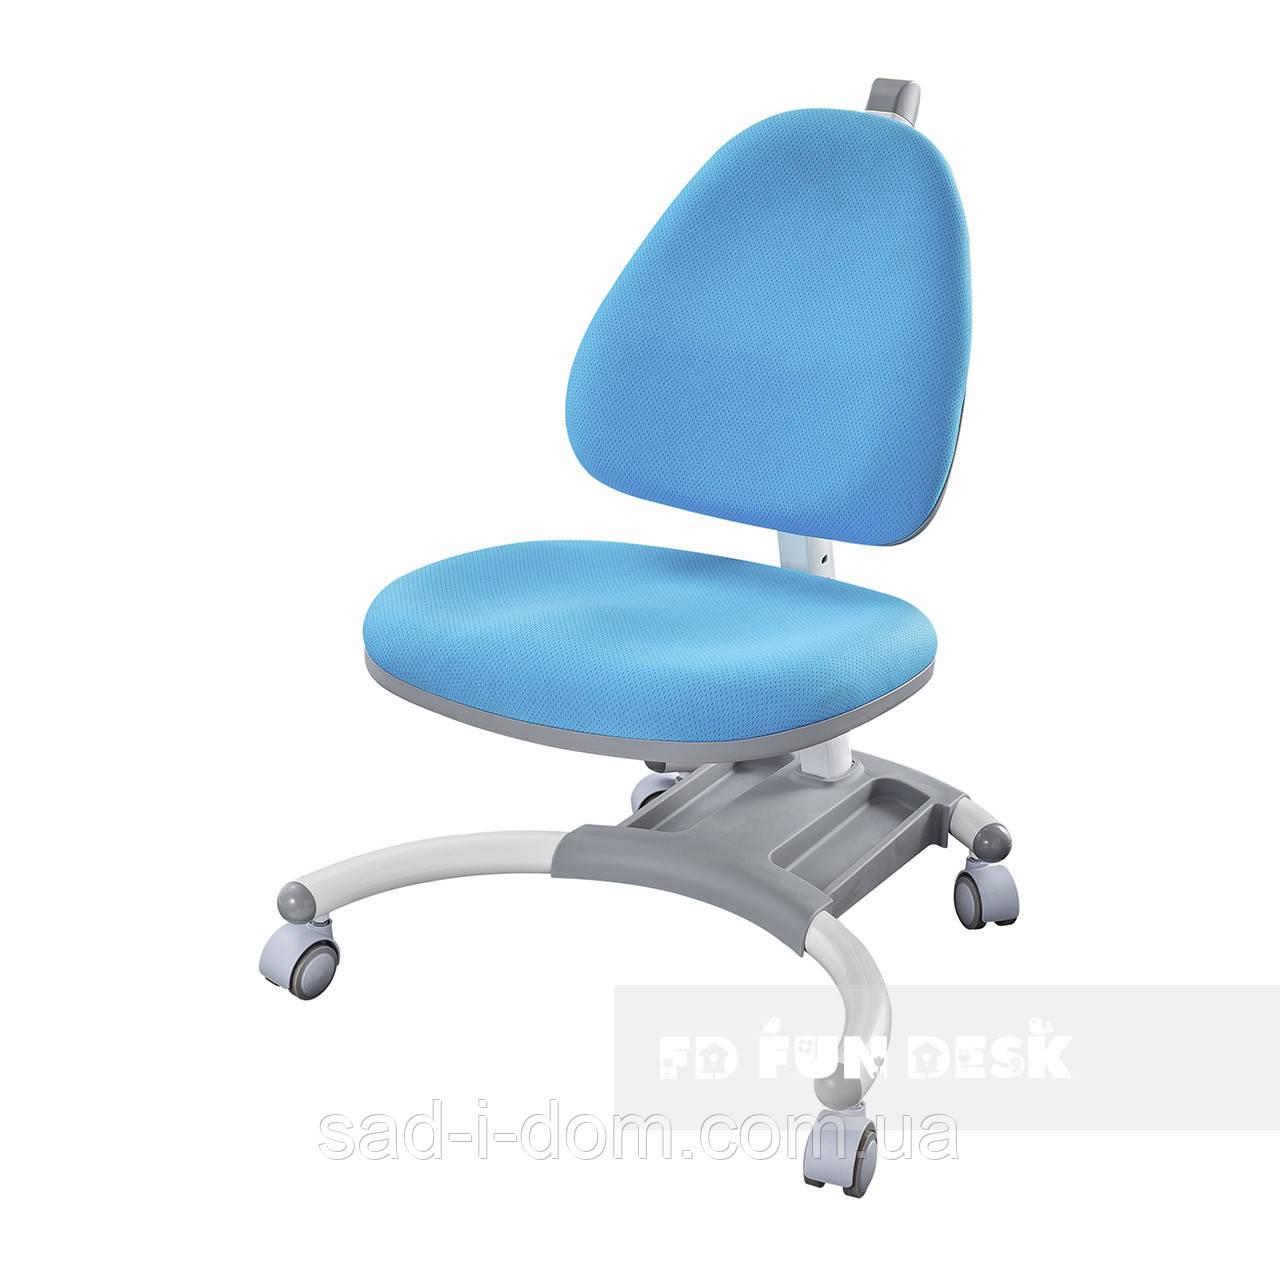 Детское компьютерное ортопедическое кресло FunDesk SST4, голубое